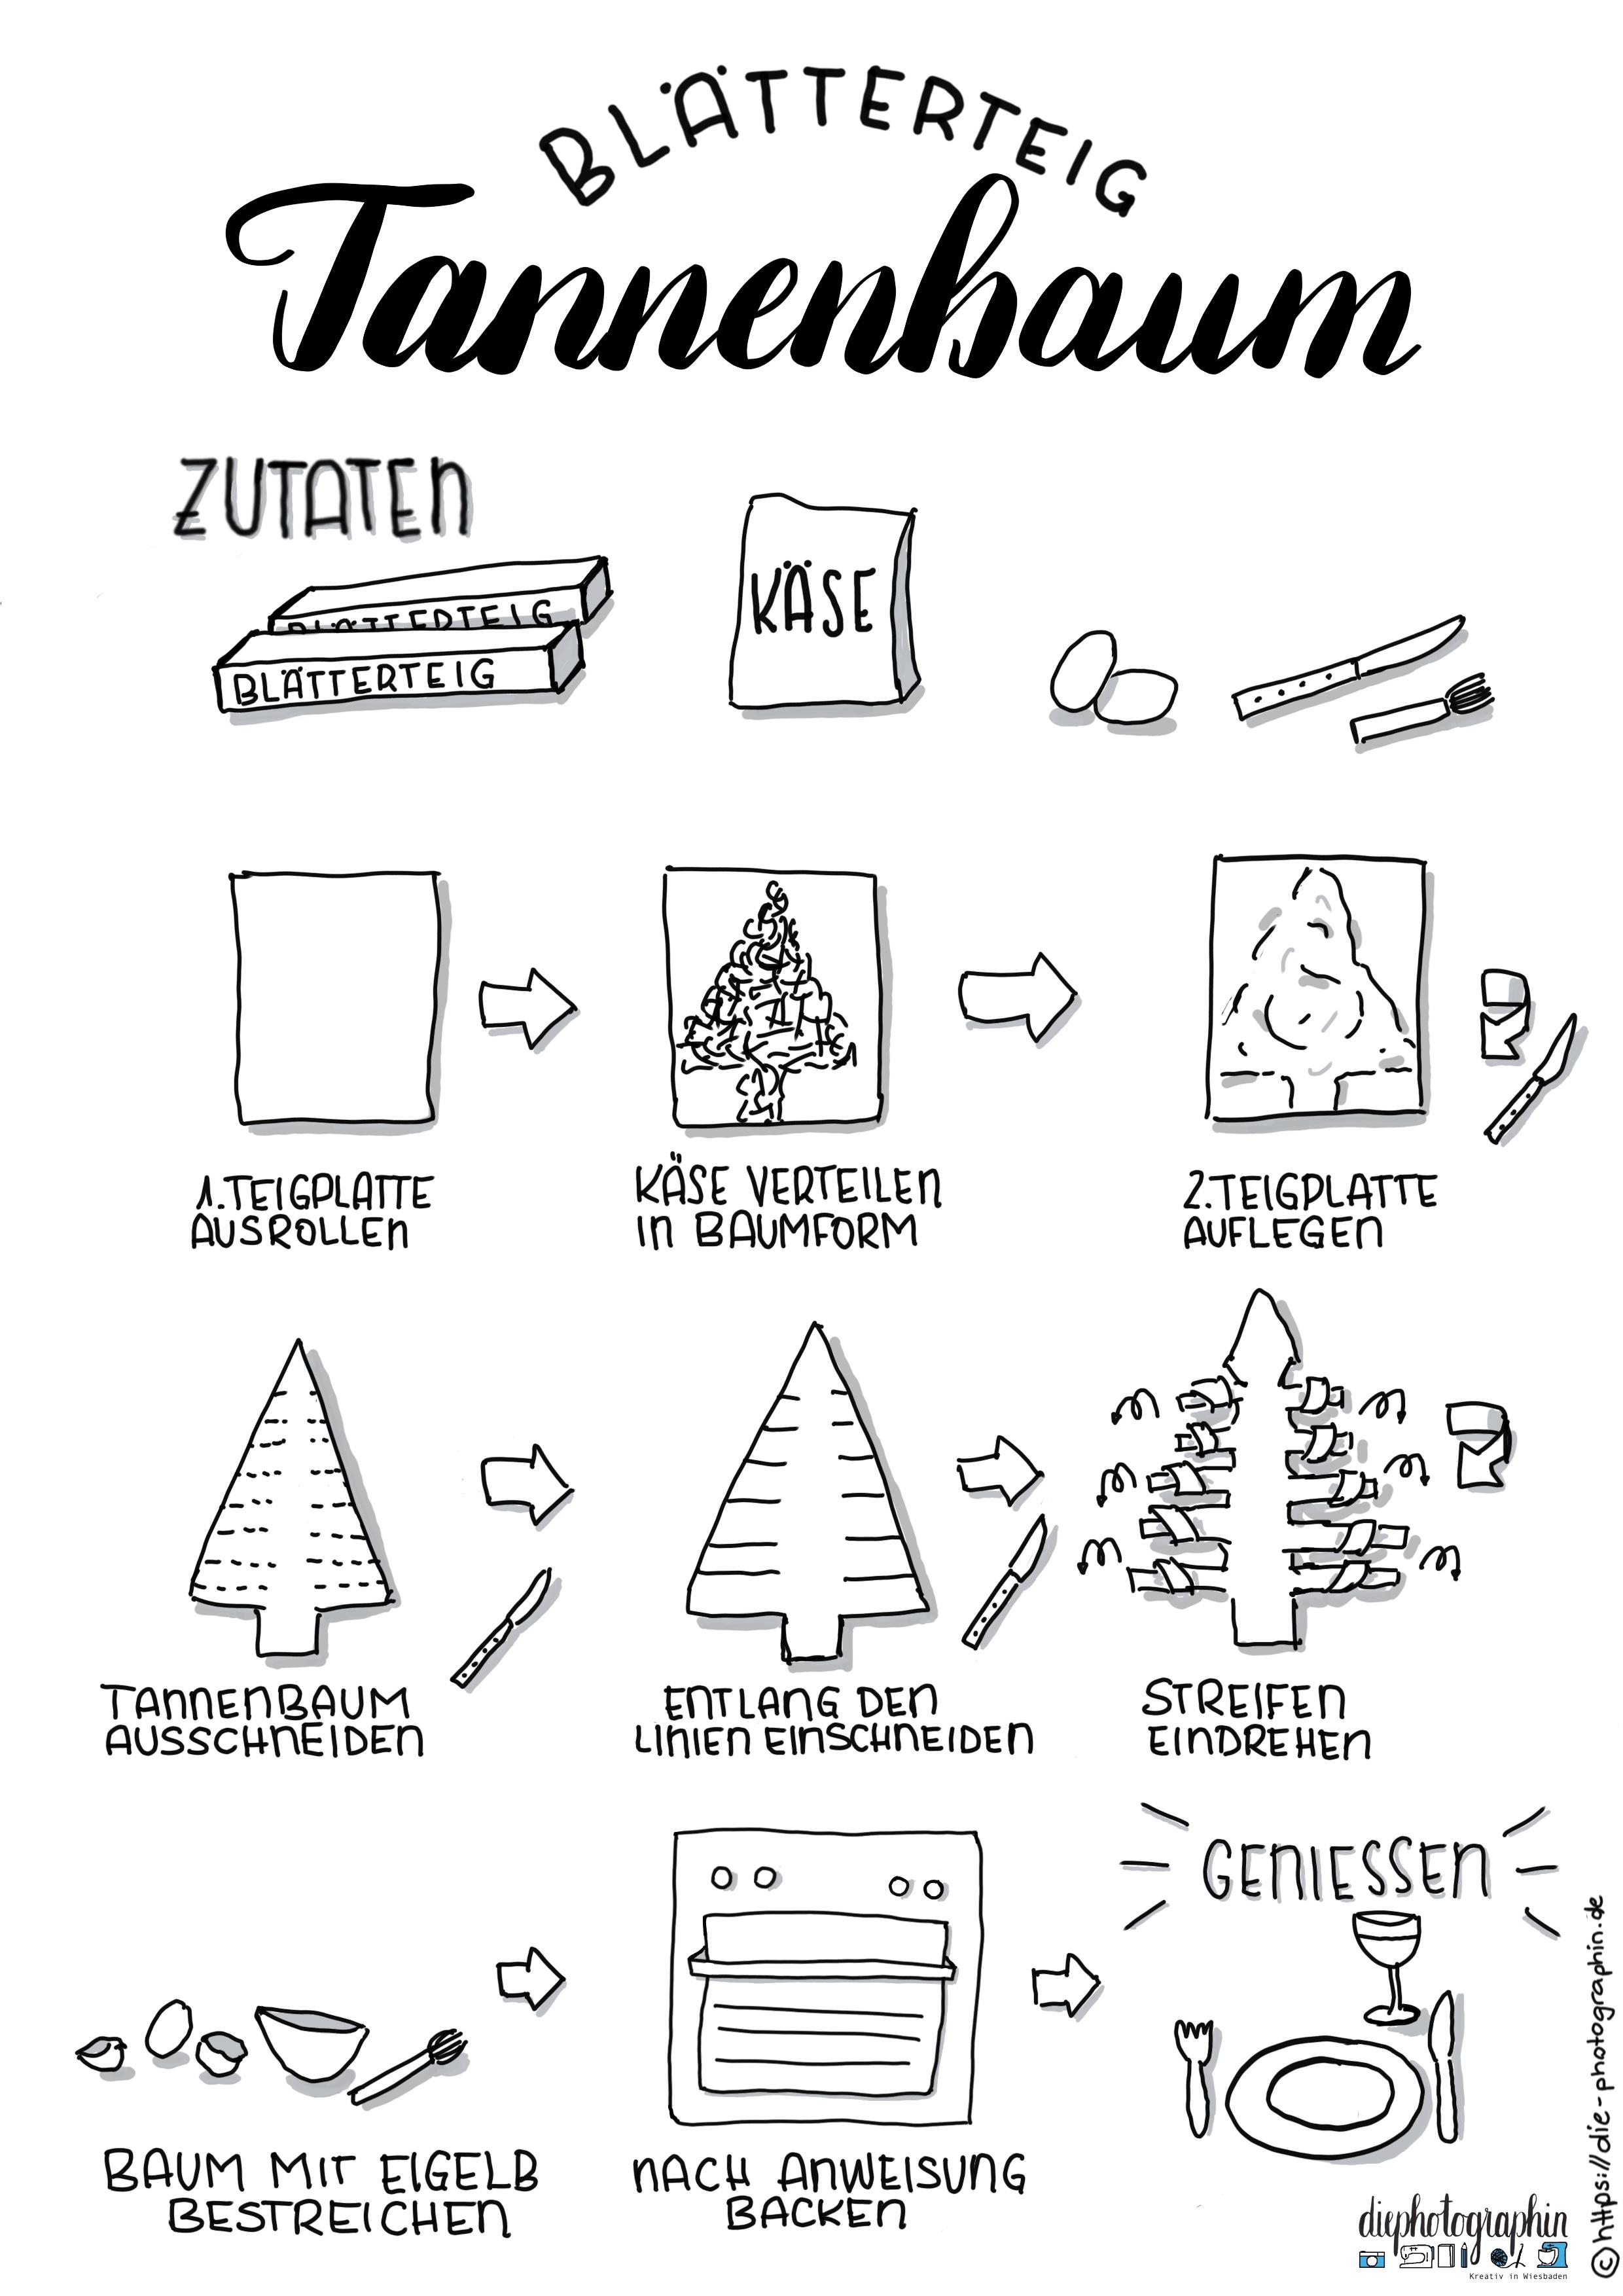 Sketchnote Rezept - Blätterteig Tannenbaum - diephotographin [Klick auf Bild öffnet das pdf]